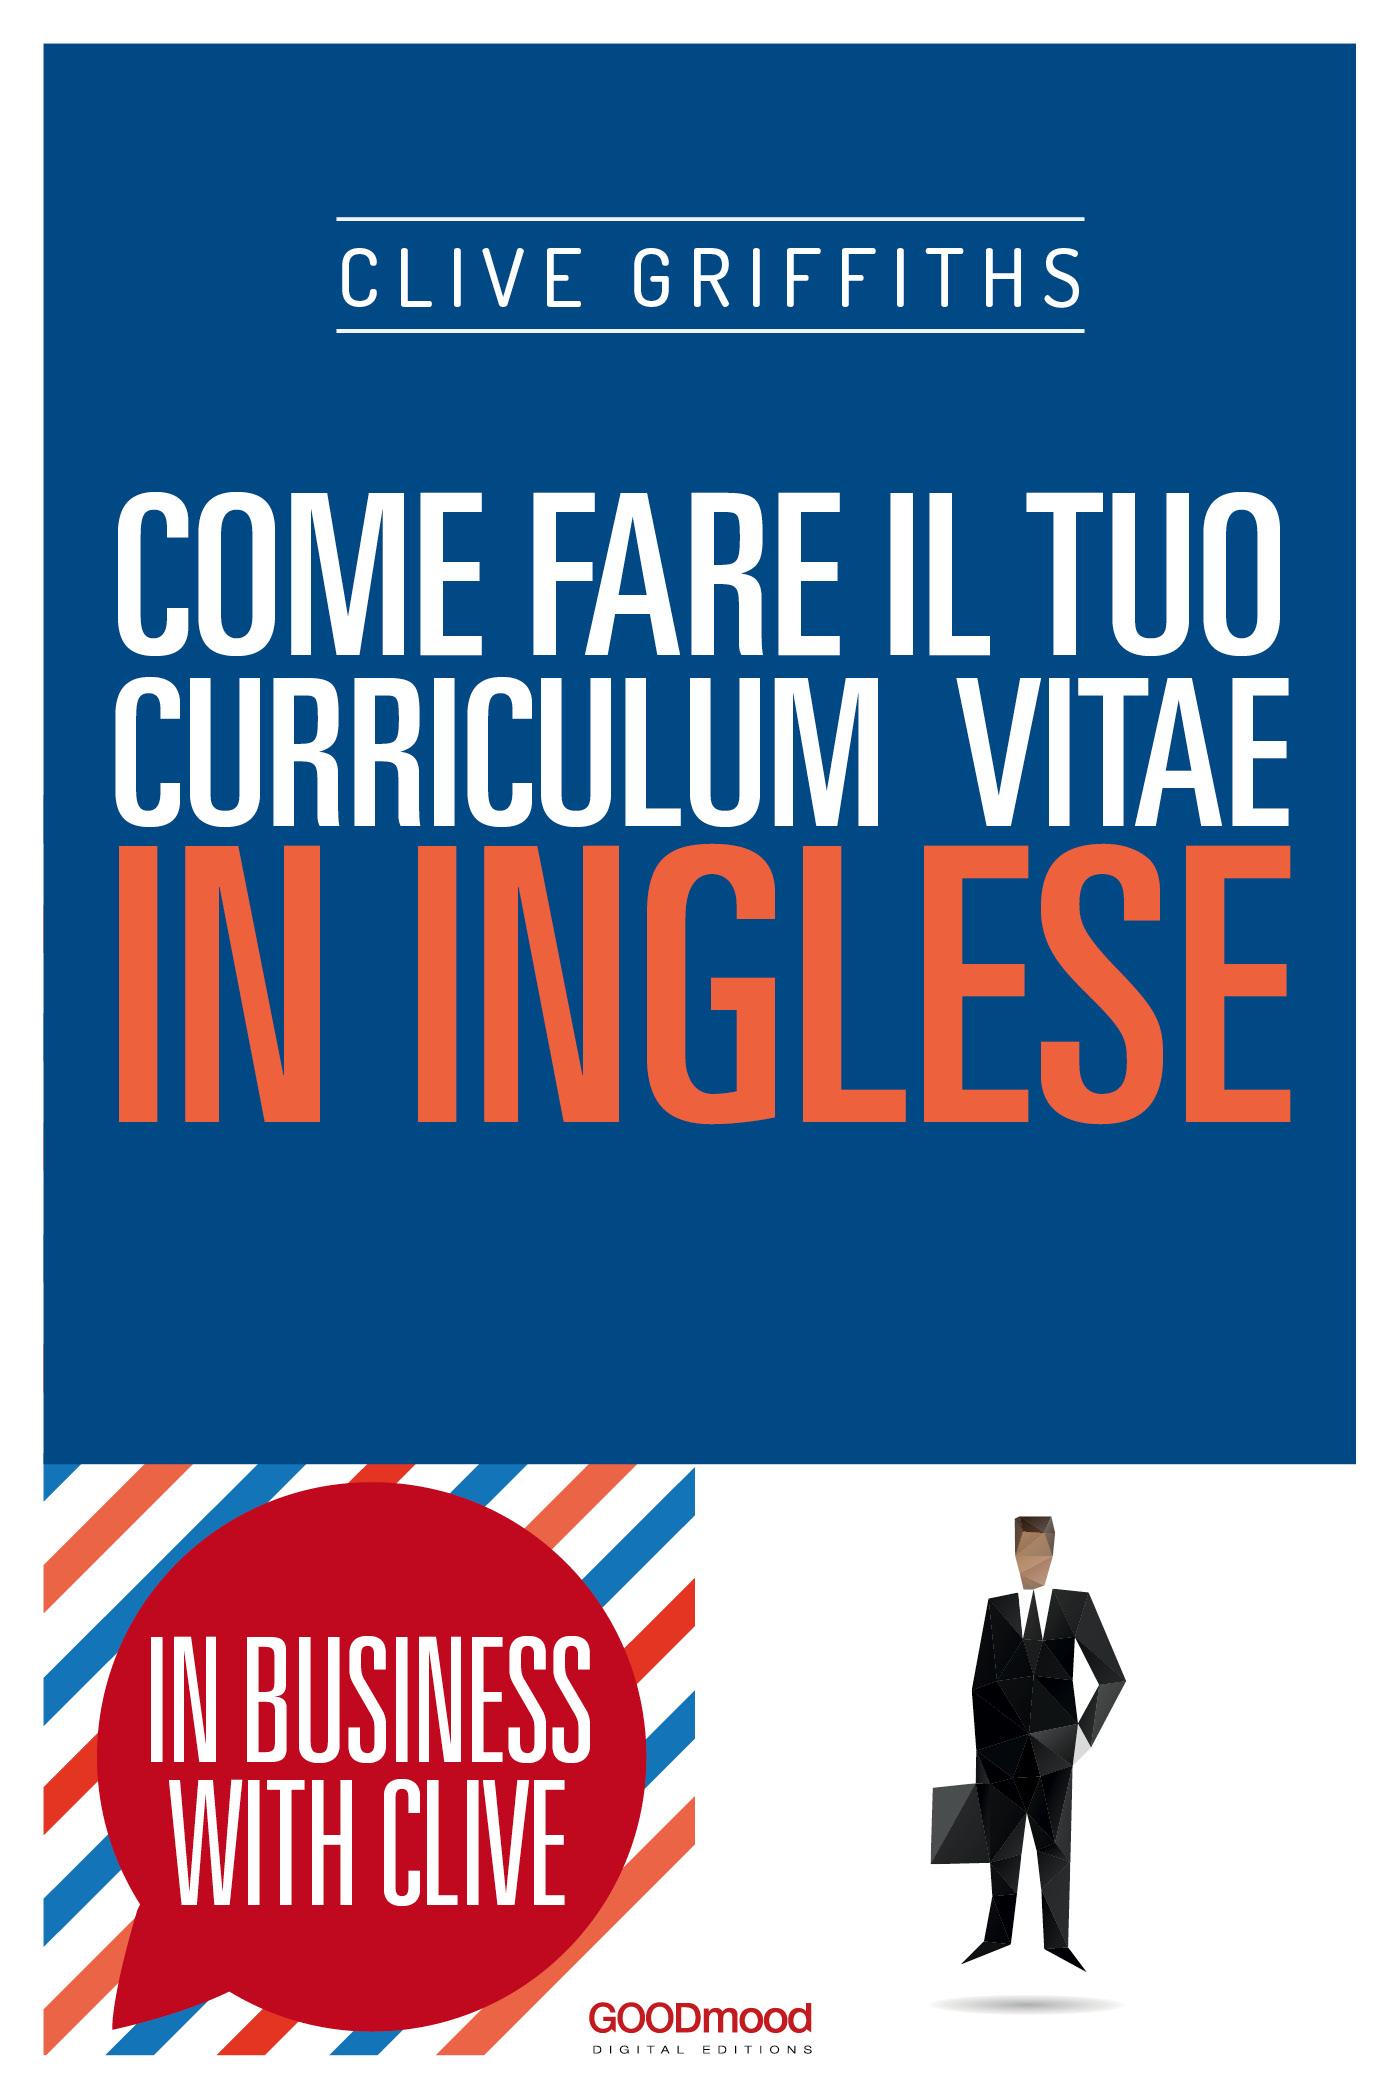 Come fare il tuo curriculum vitae in inglese-0